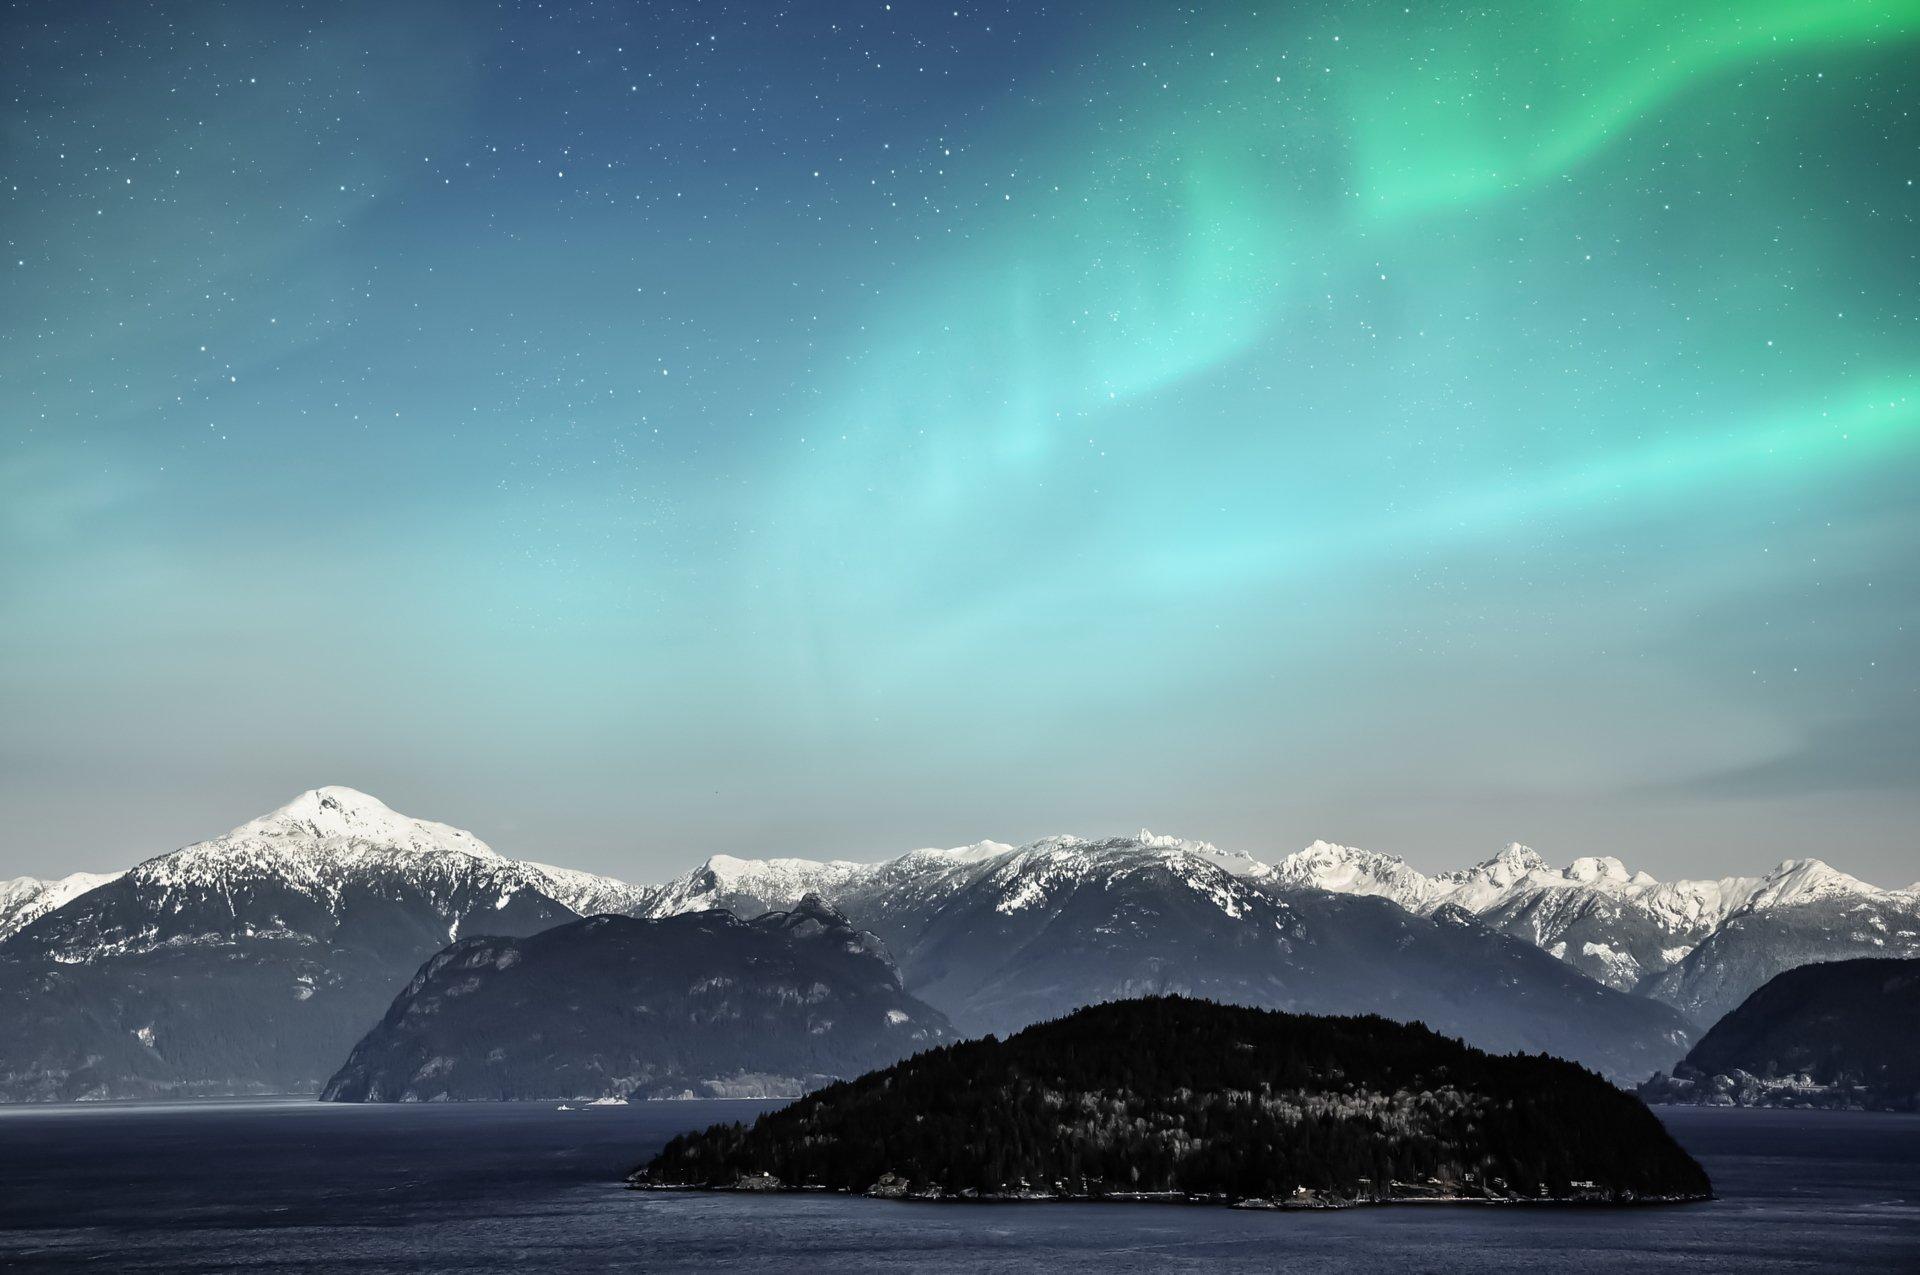 Aurora boreale 5k retina ultra hd sfondo and sfondo for Aurora boreale sfondo